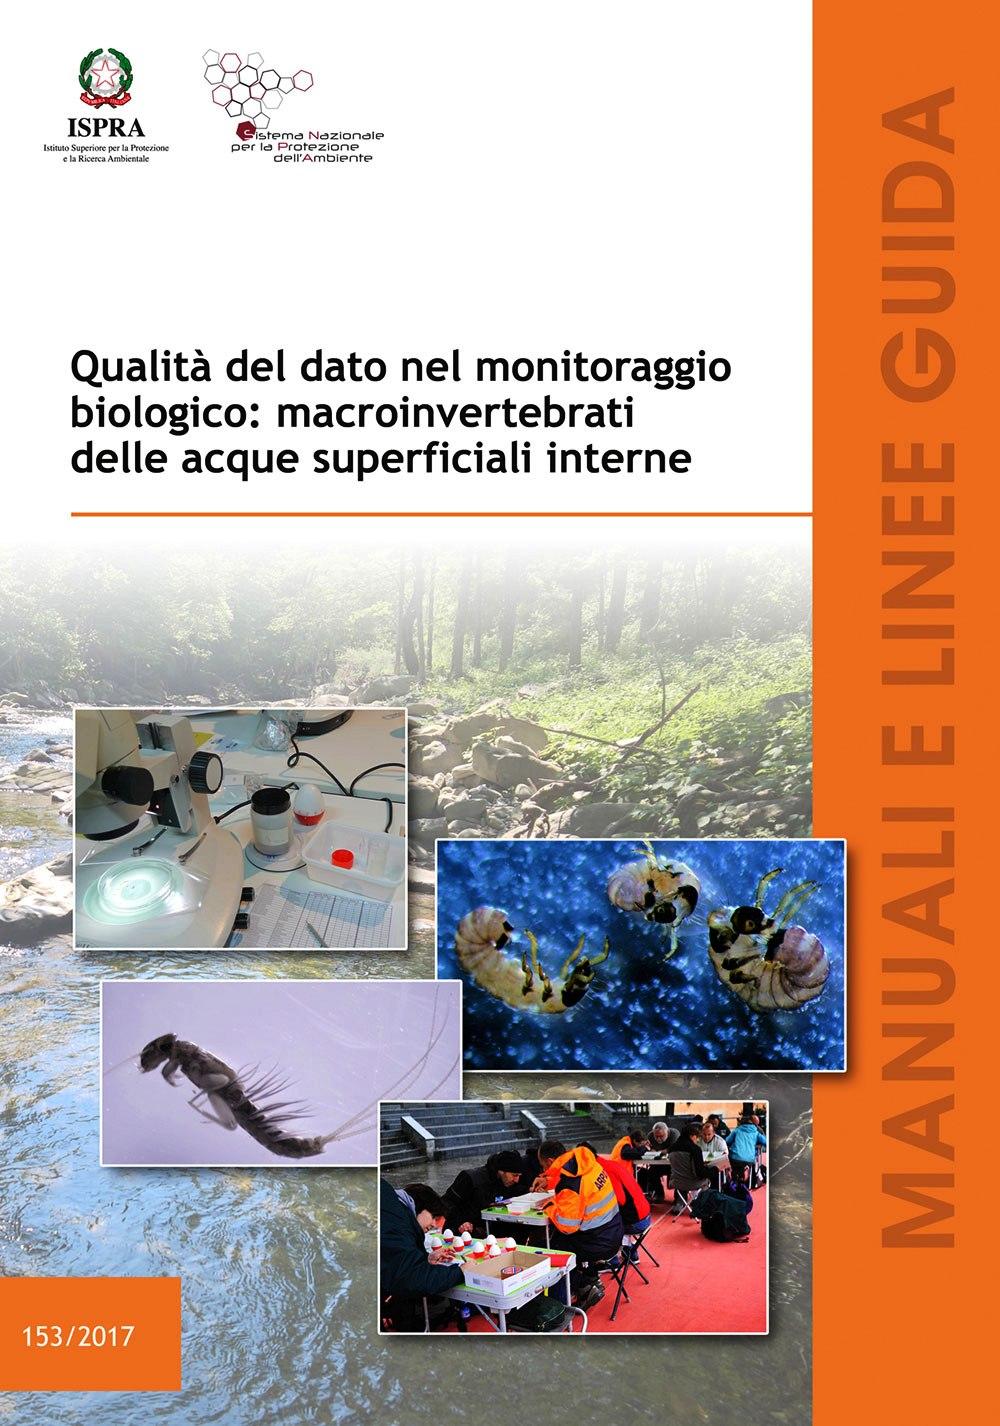 Qualità del dato nel monitoraggio biologico